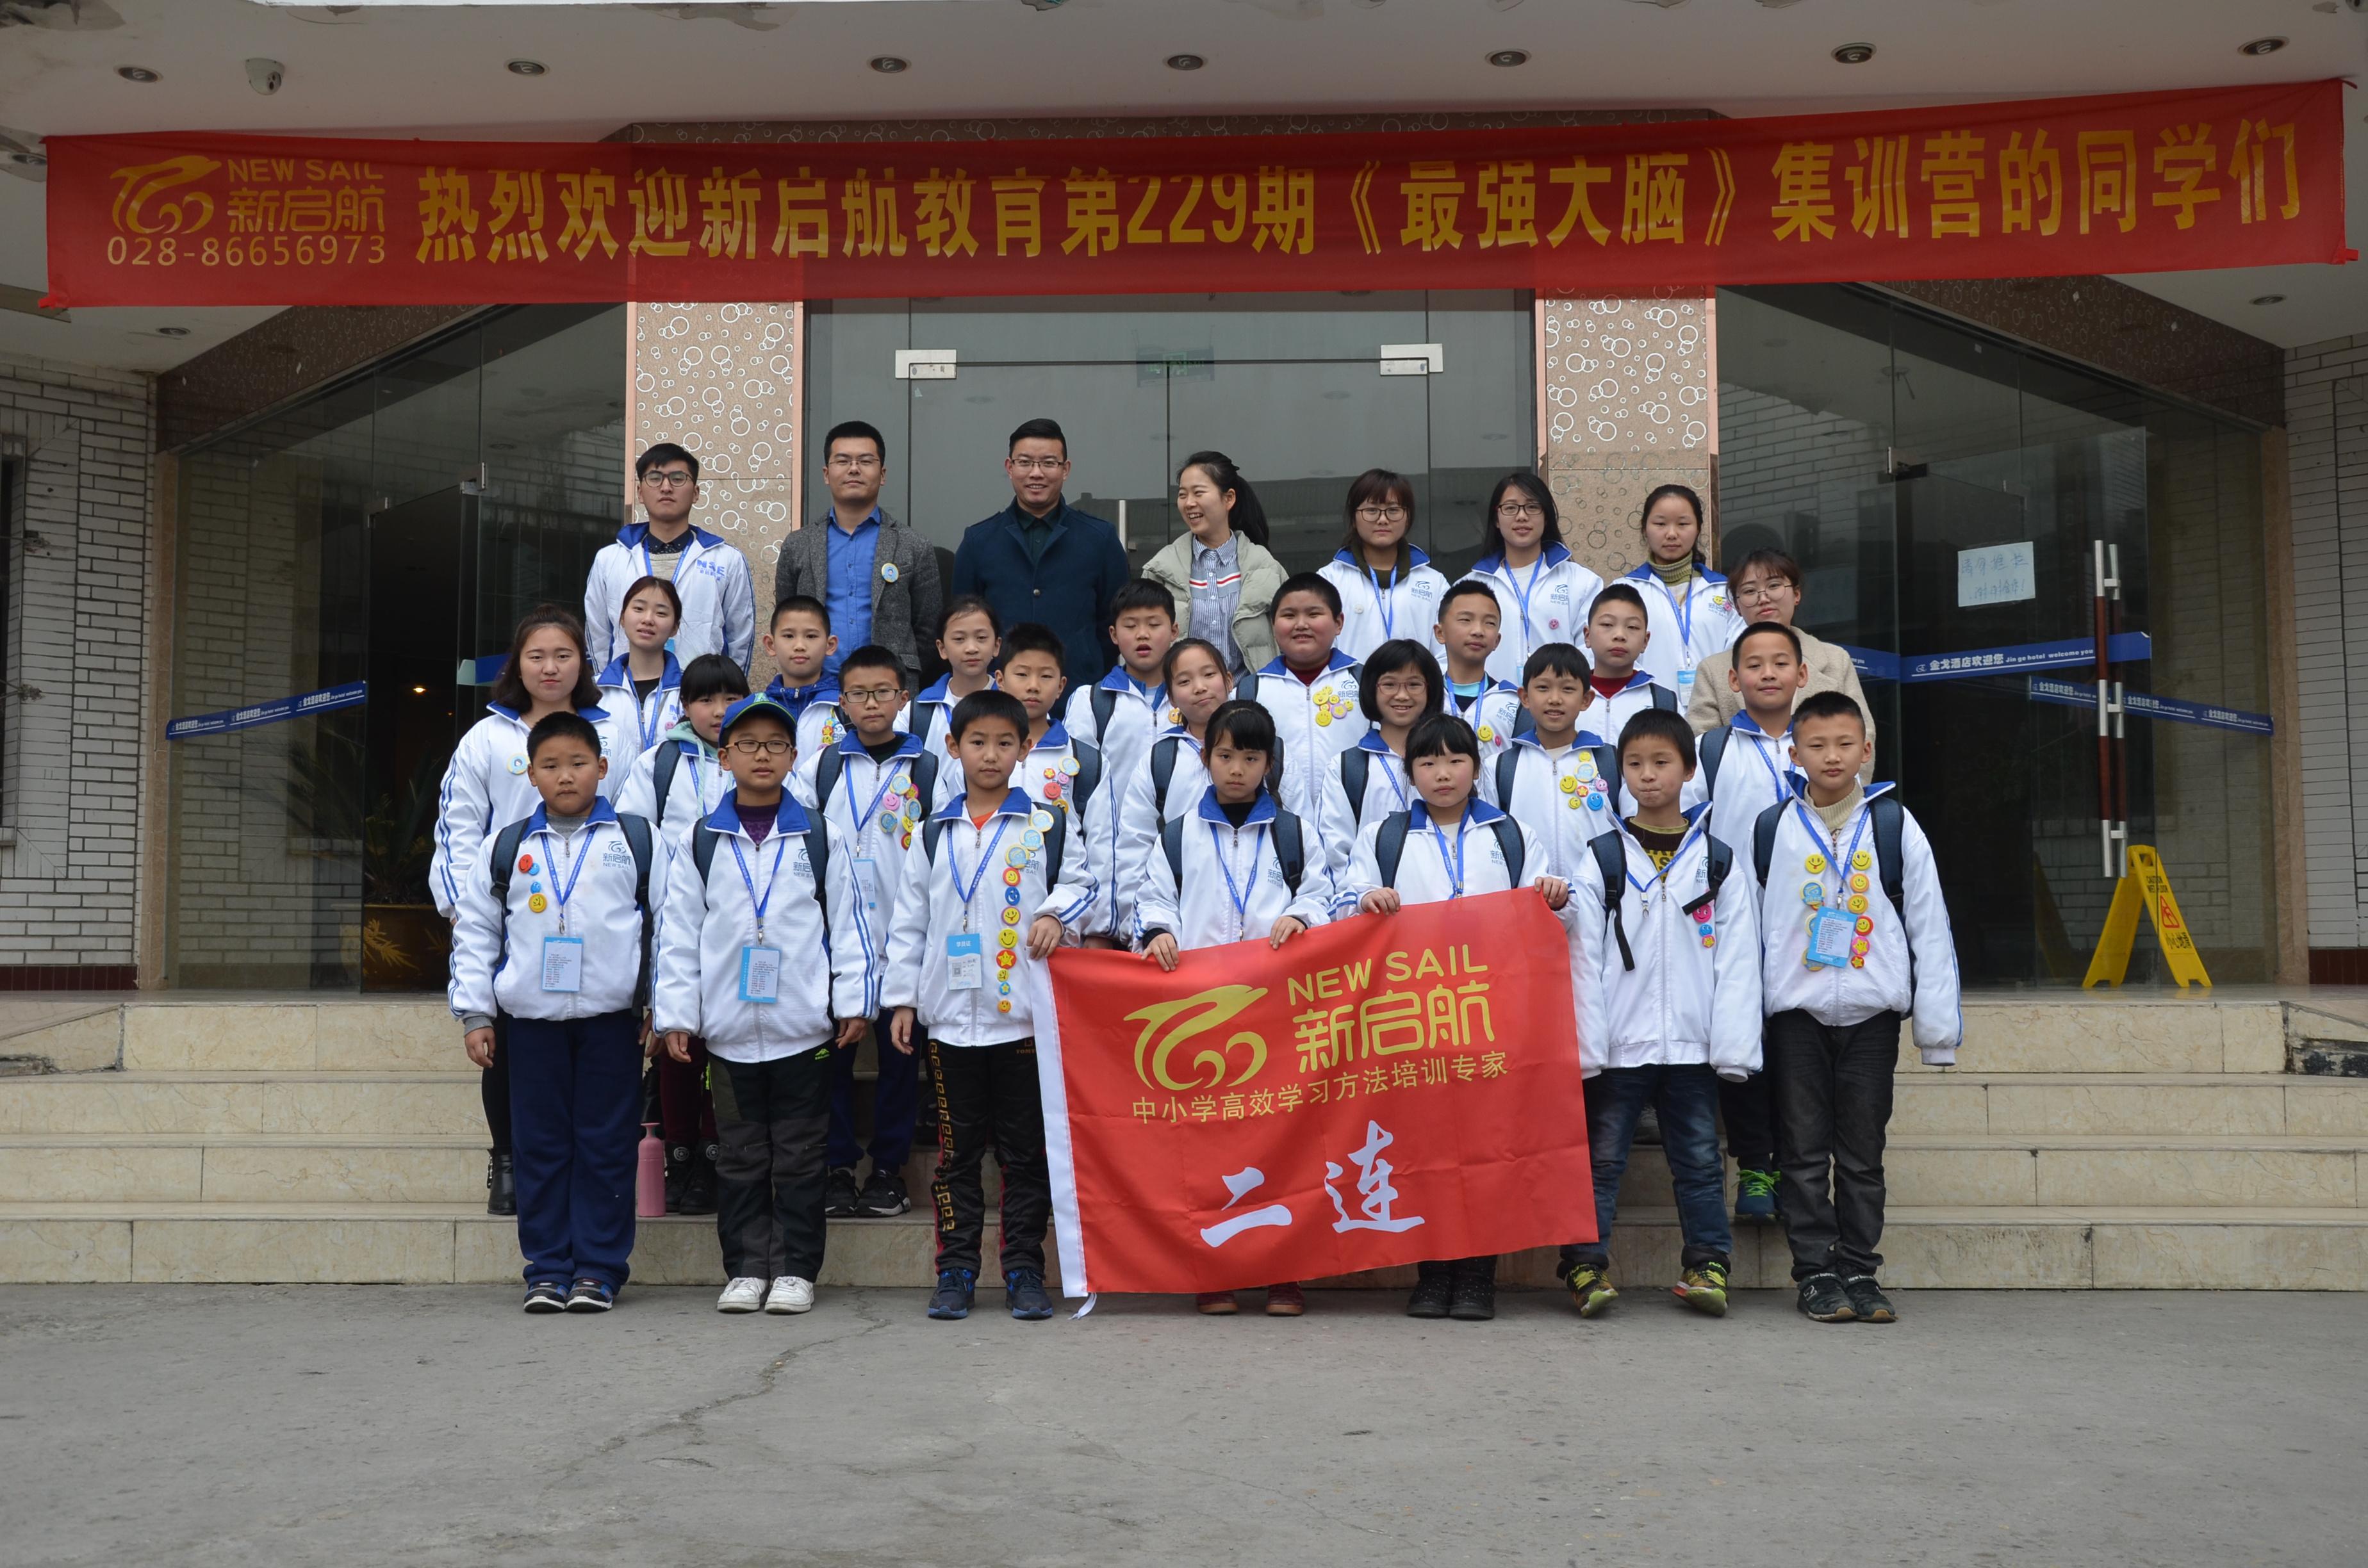 2017年寒假成都第229期集训营二连照片